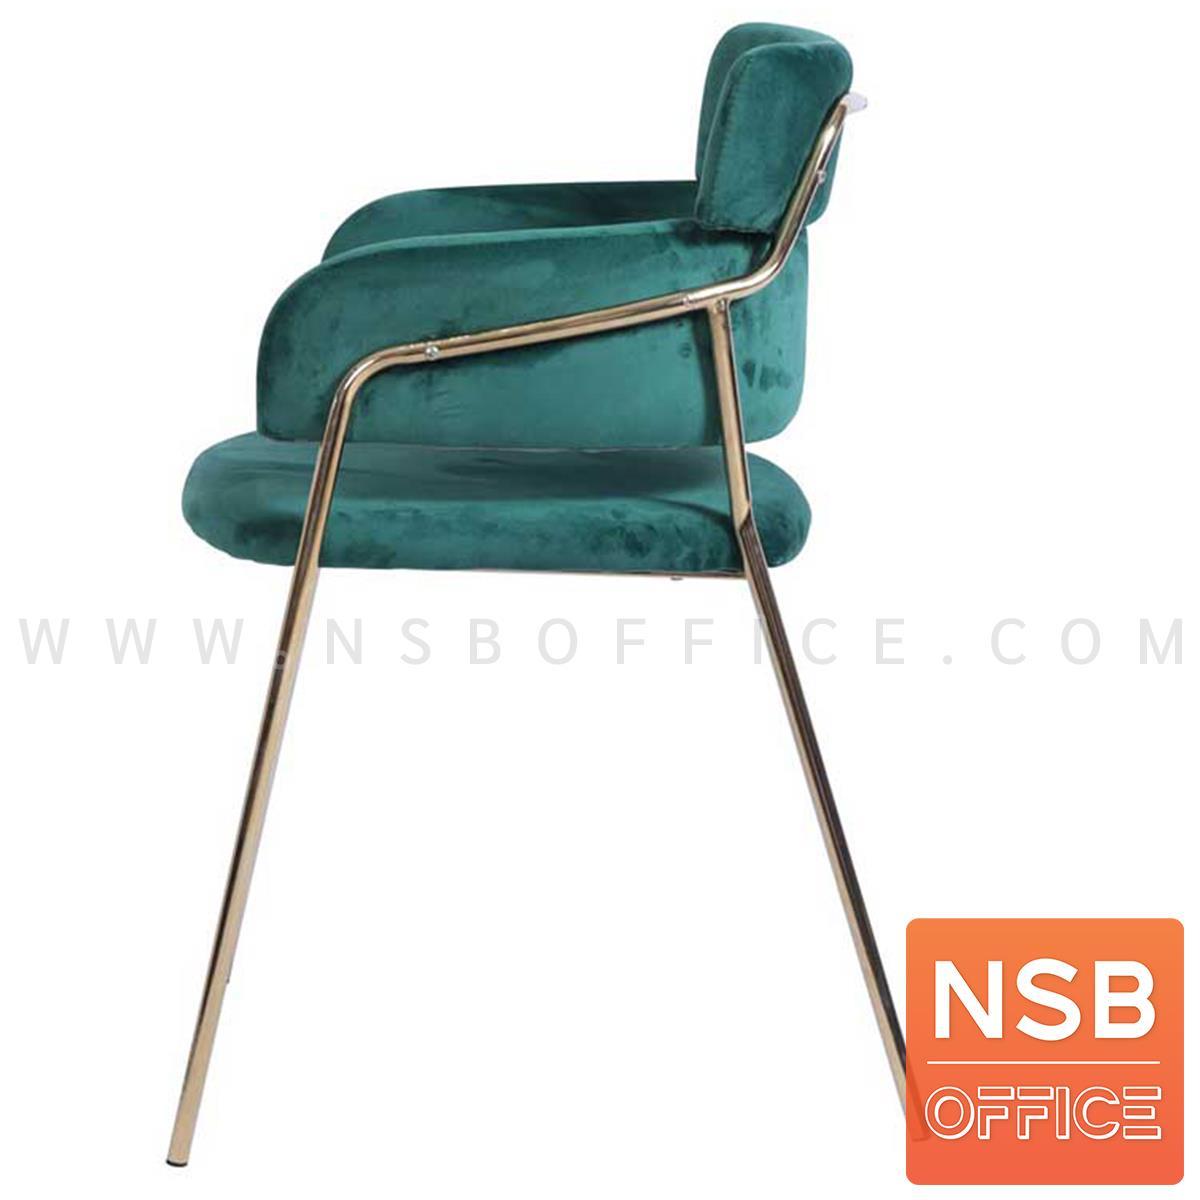 เก้าอี้โมเดิร์น รุ่น Jamille (เจมิลี่)  เบาะหุ้มผ้ากำมะหยี่ ขาเหล็กสีทอง